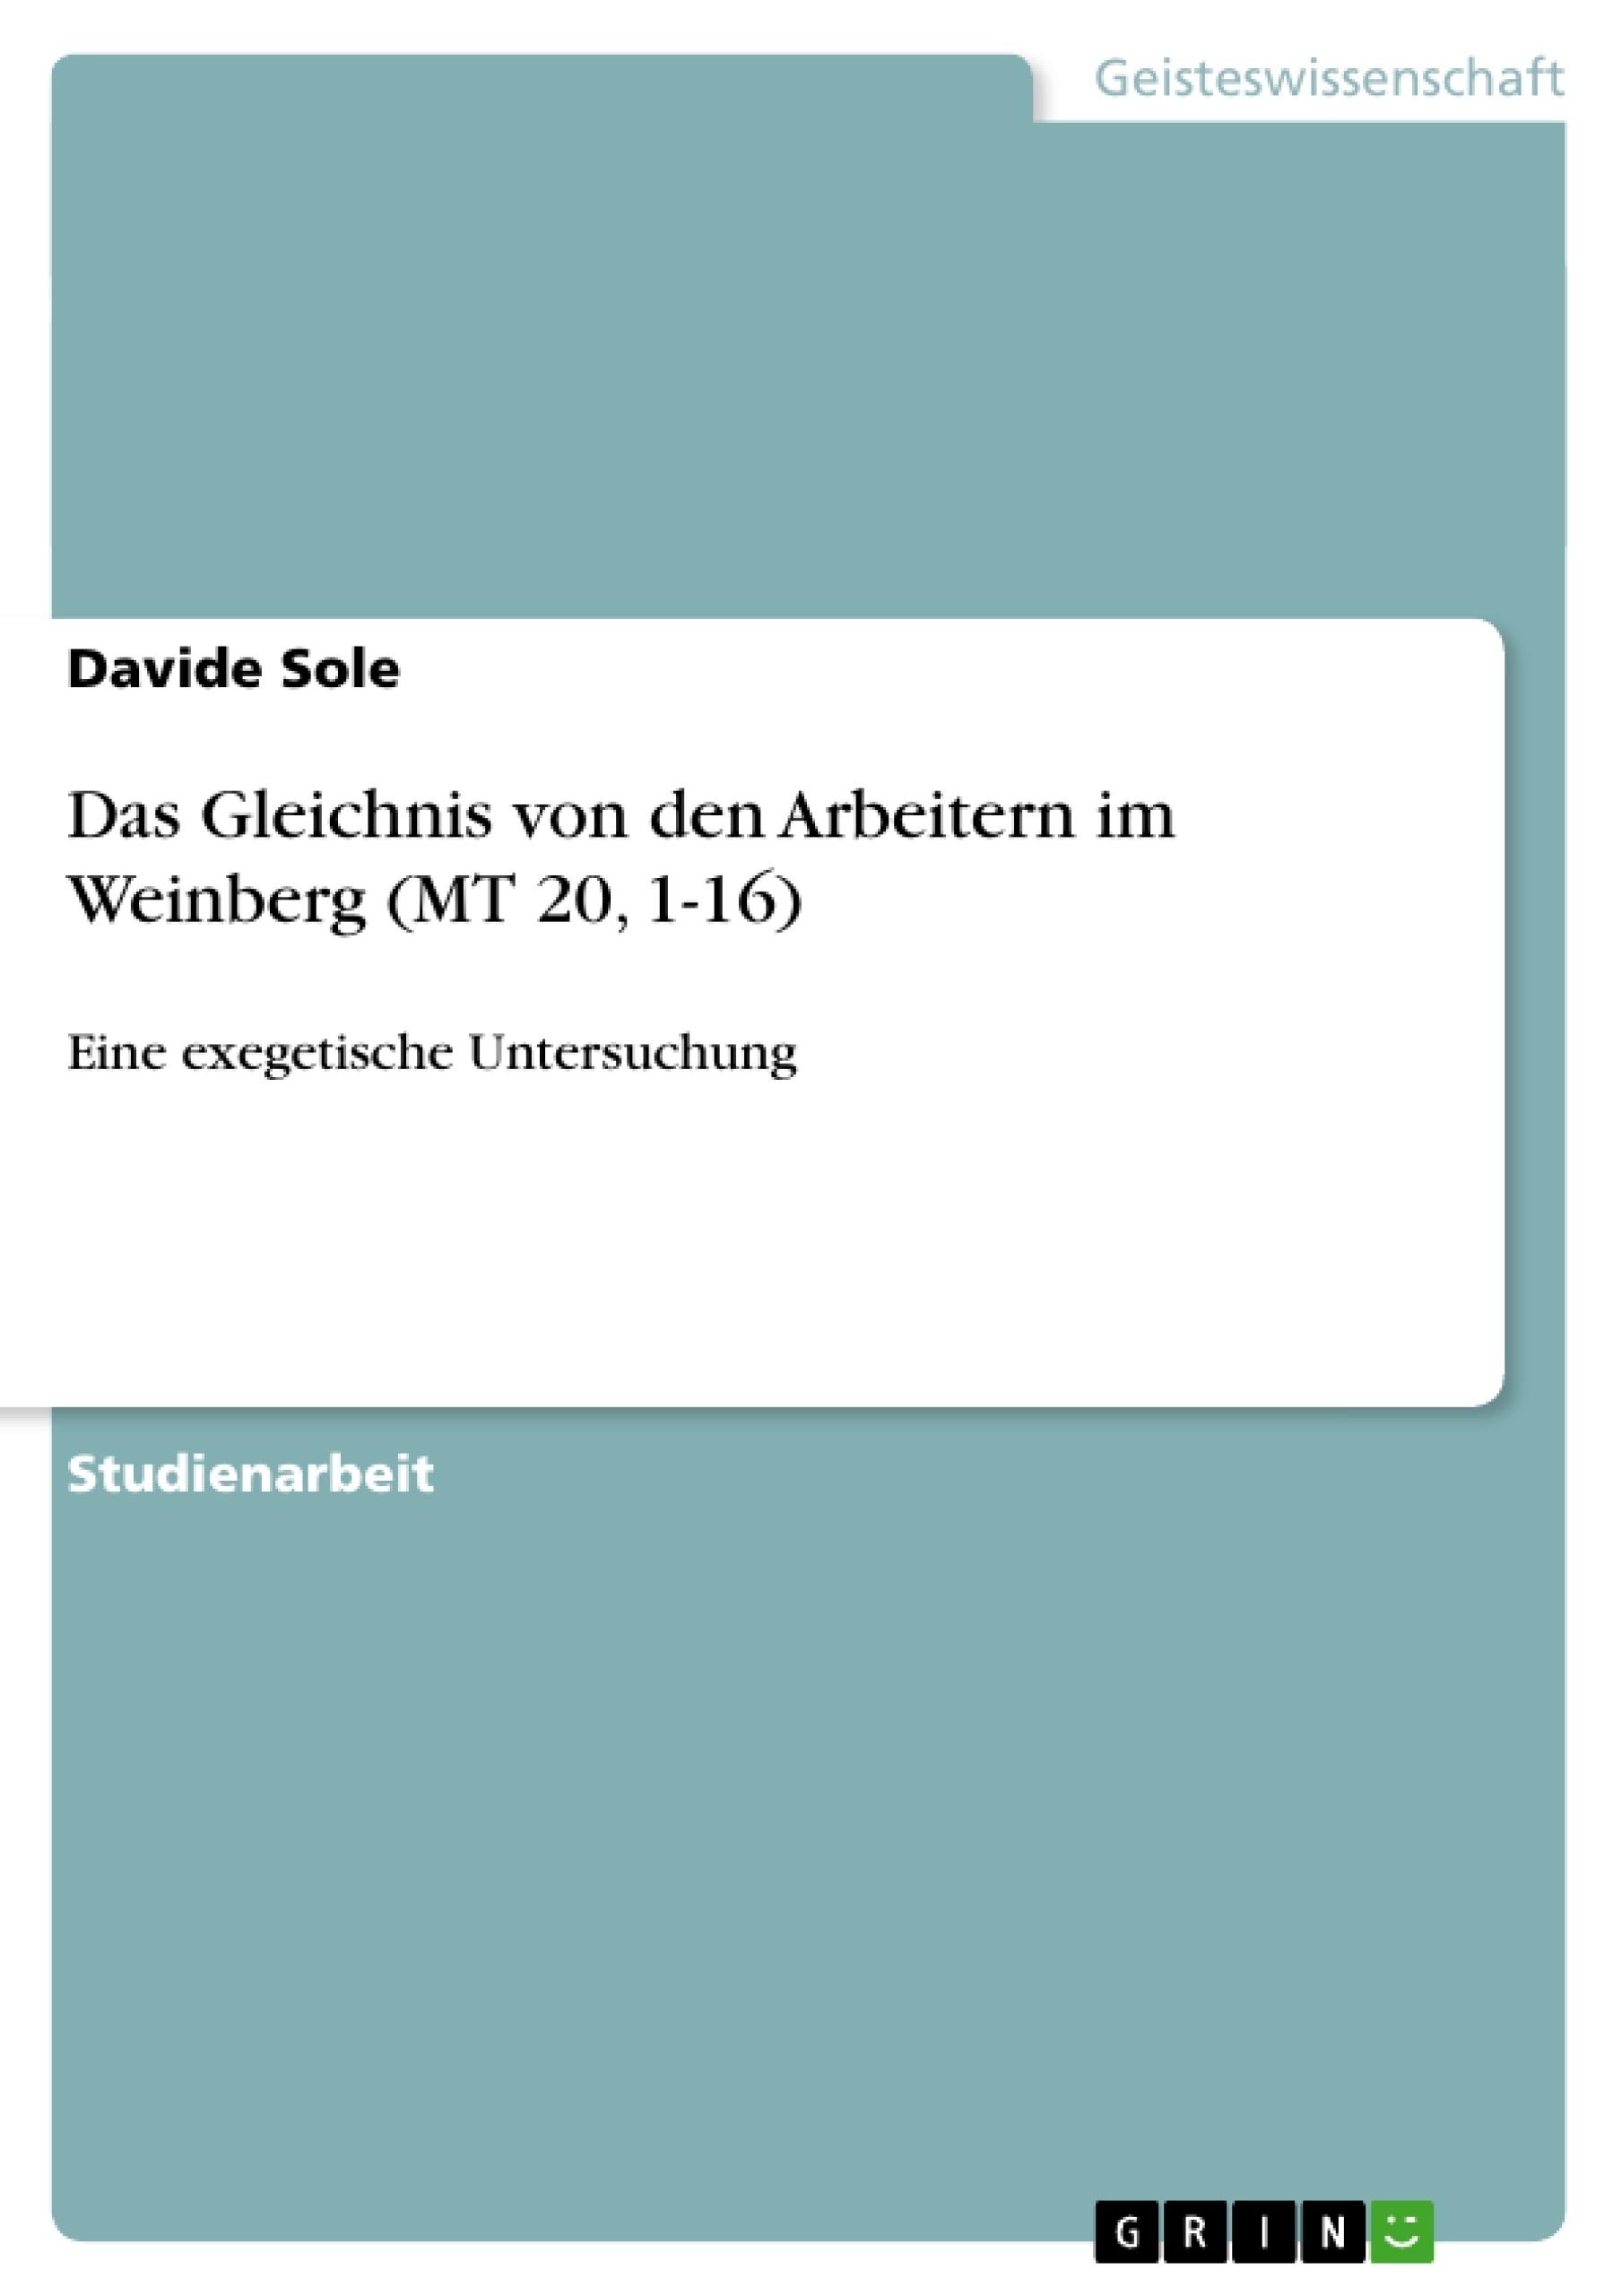 Titel: Das Gleichnis von den Arbeitern im Weinberg (MT 20, 1-16)